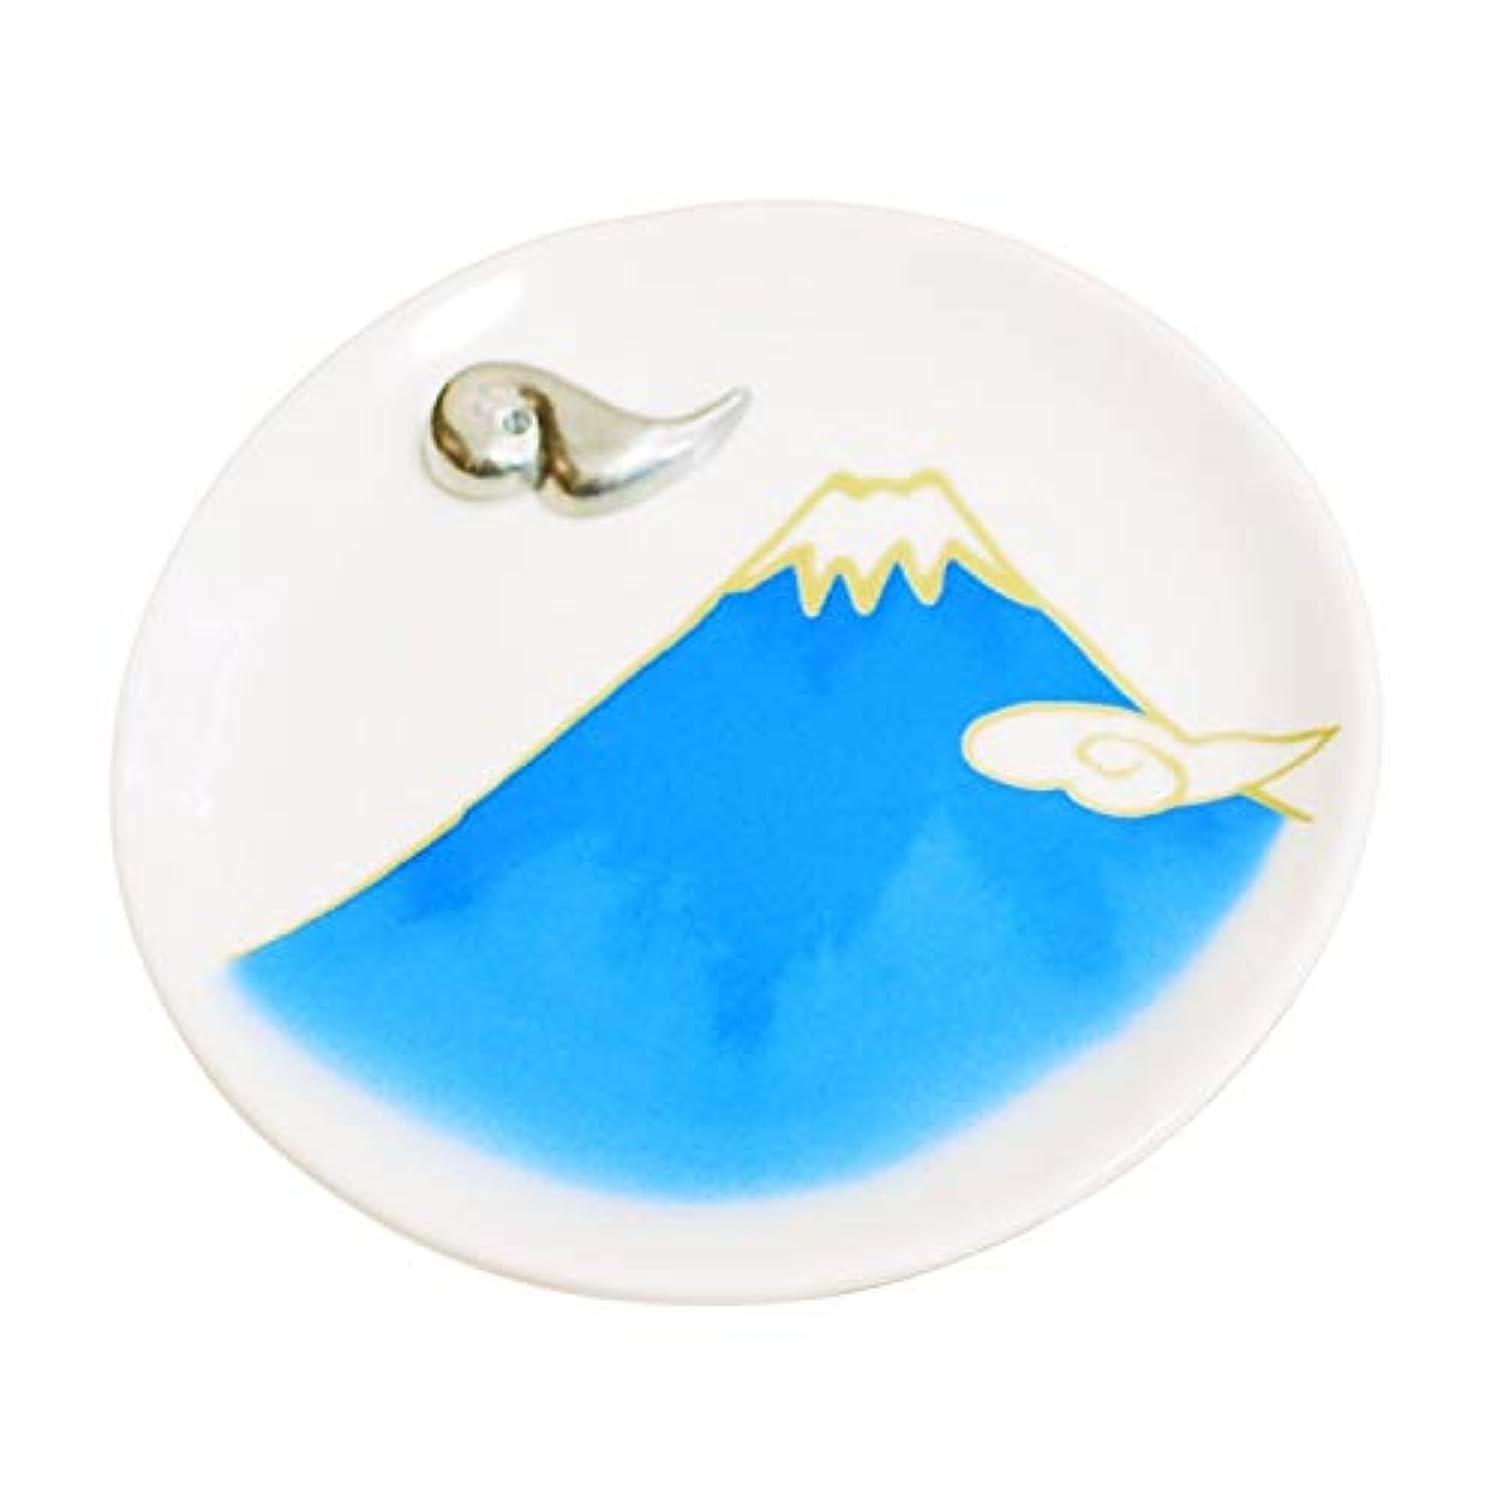 水曜日殺人者絶妙香皿 富士山 ブルー 雲型香立て付 青富士 香立 お線香立て Cセット